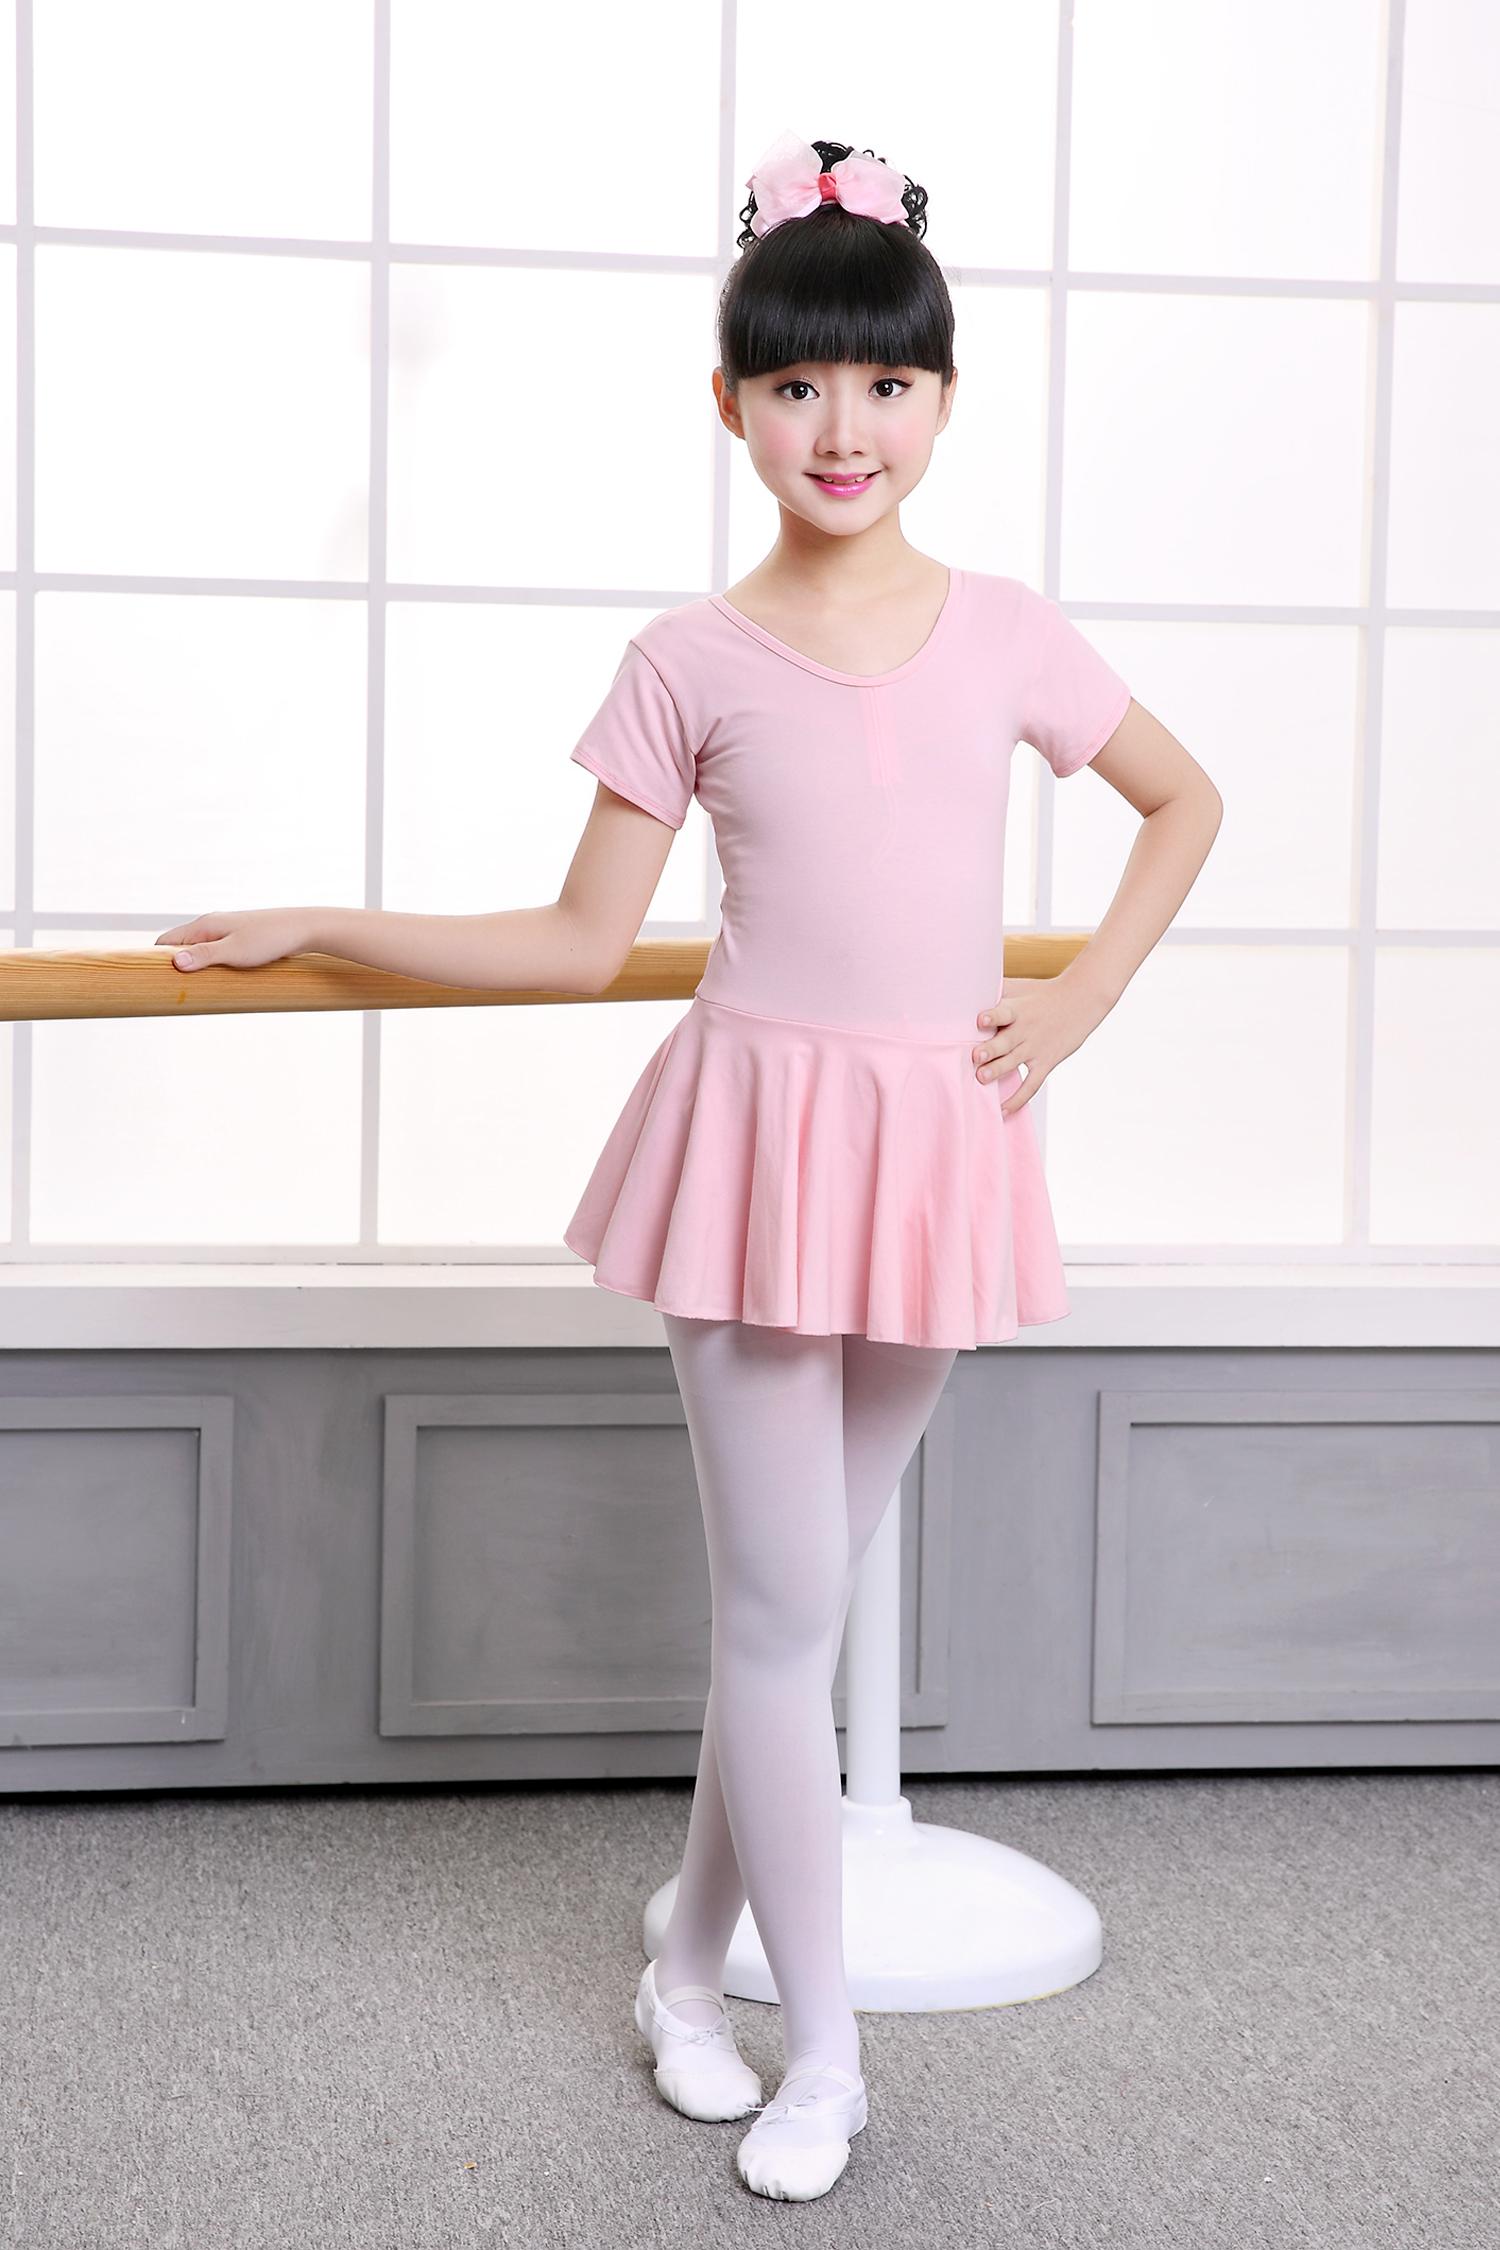 儿童舞蹈服练功服女孩粉色长短袖连体女童芭蕾裙考级服六一特惠